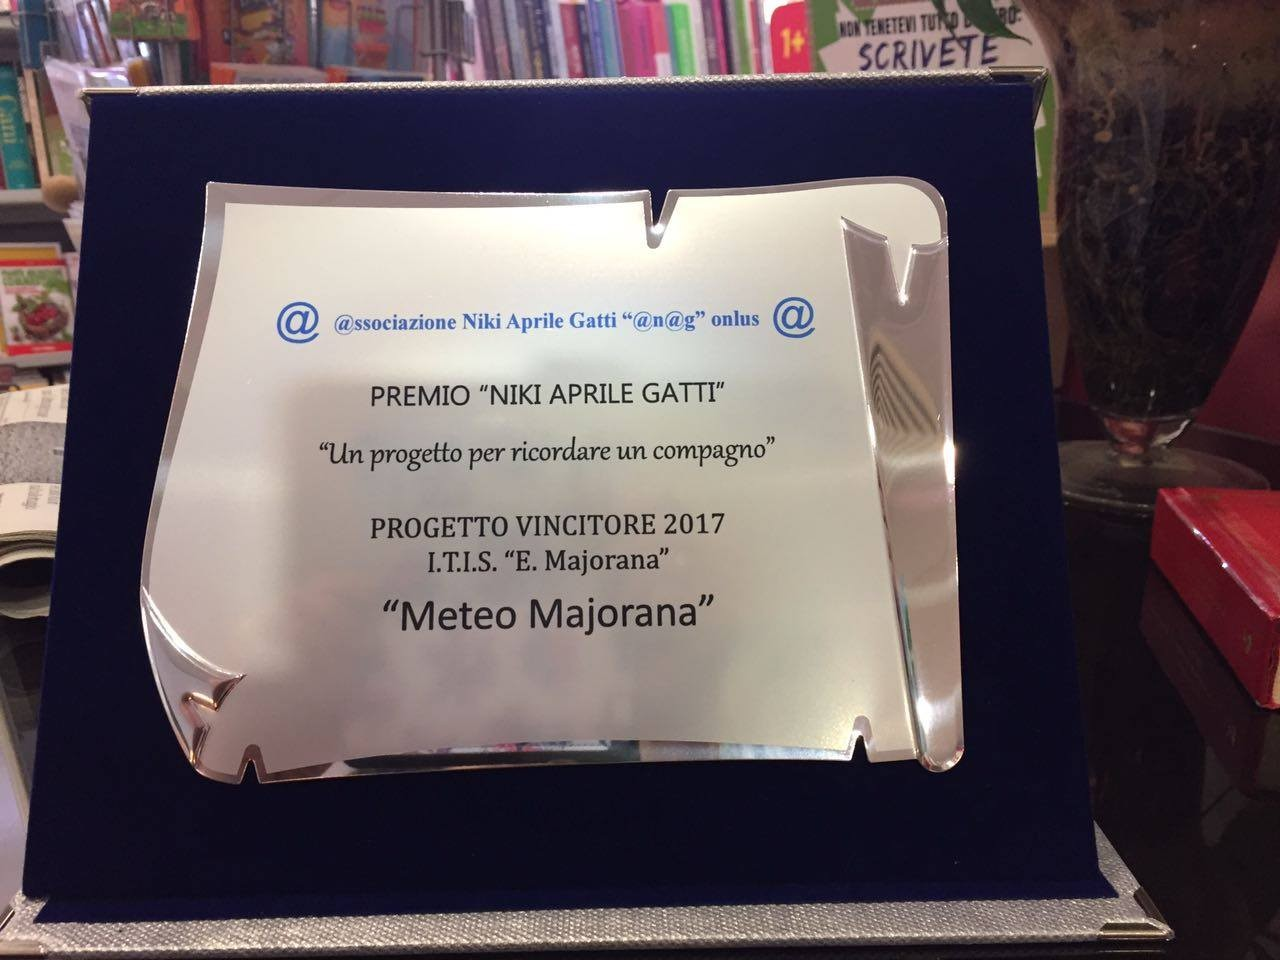 """Il premio """"Niki Aprile Gatti"""" 2017 va al progetto """"Meteo Maiorana"""". Domani la premiazione a scuola"""